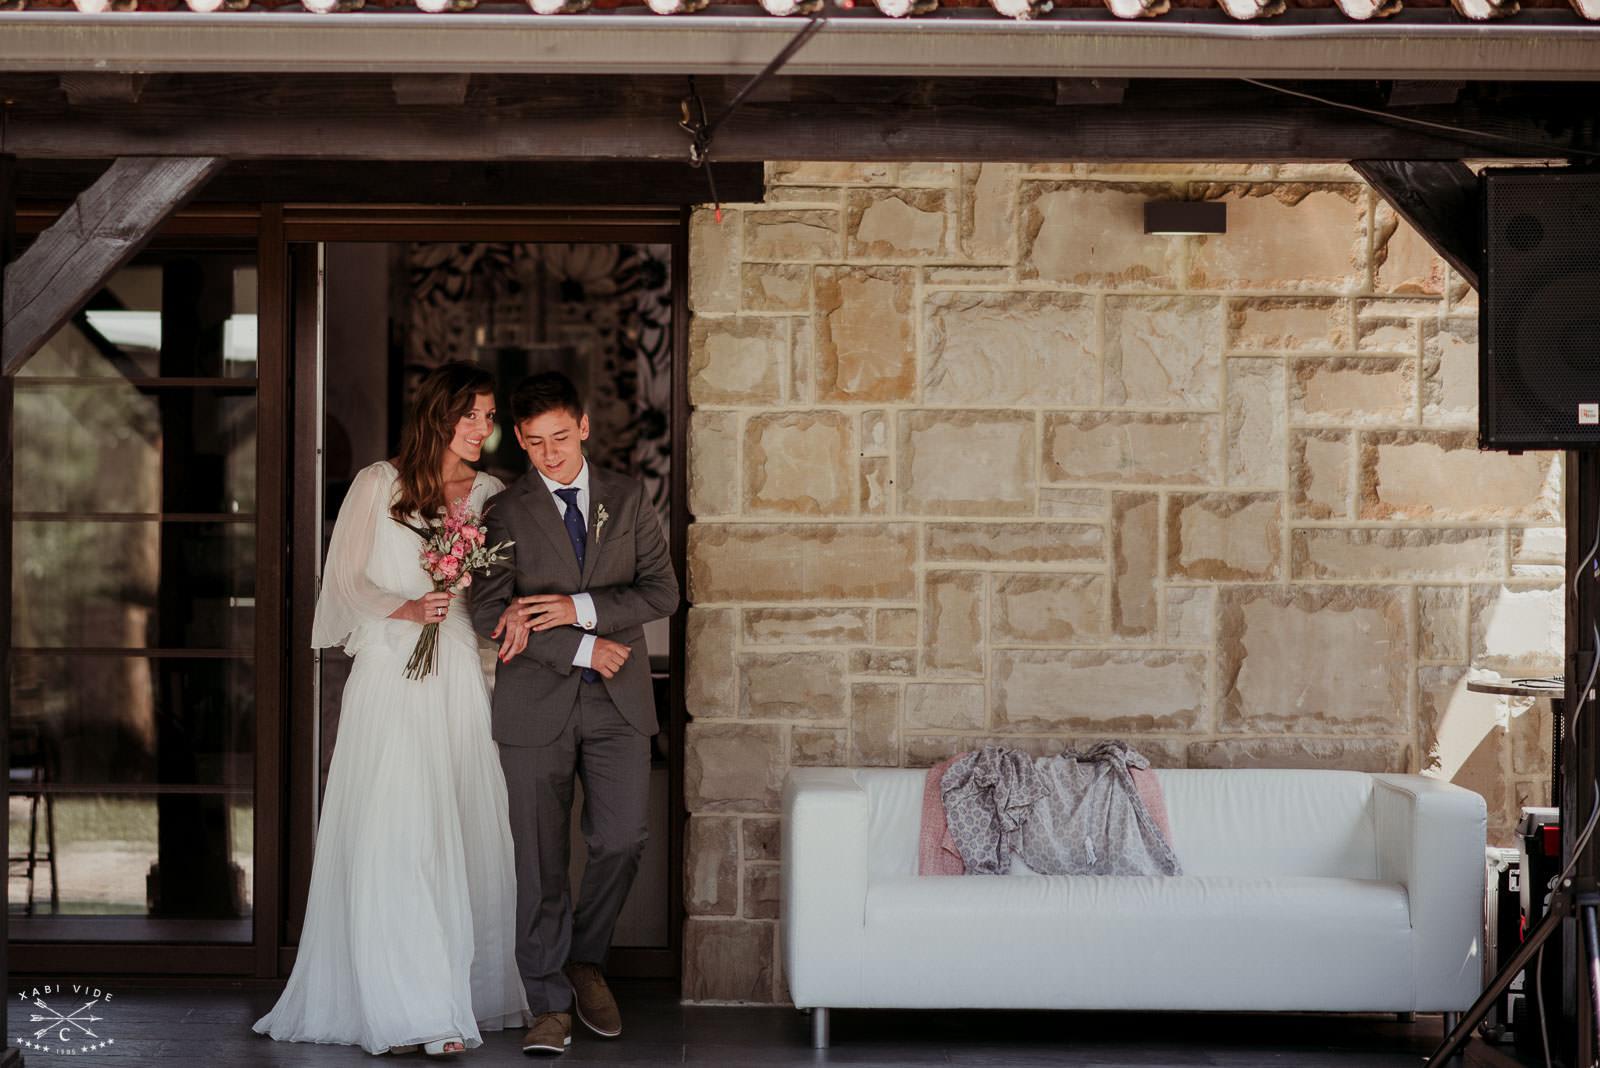 fotografo de bodas en bilbao-71